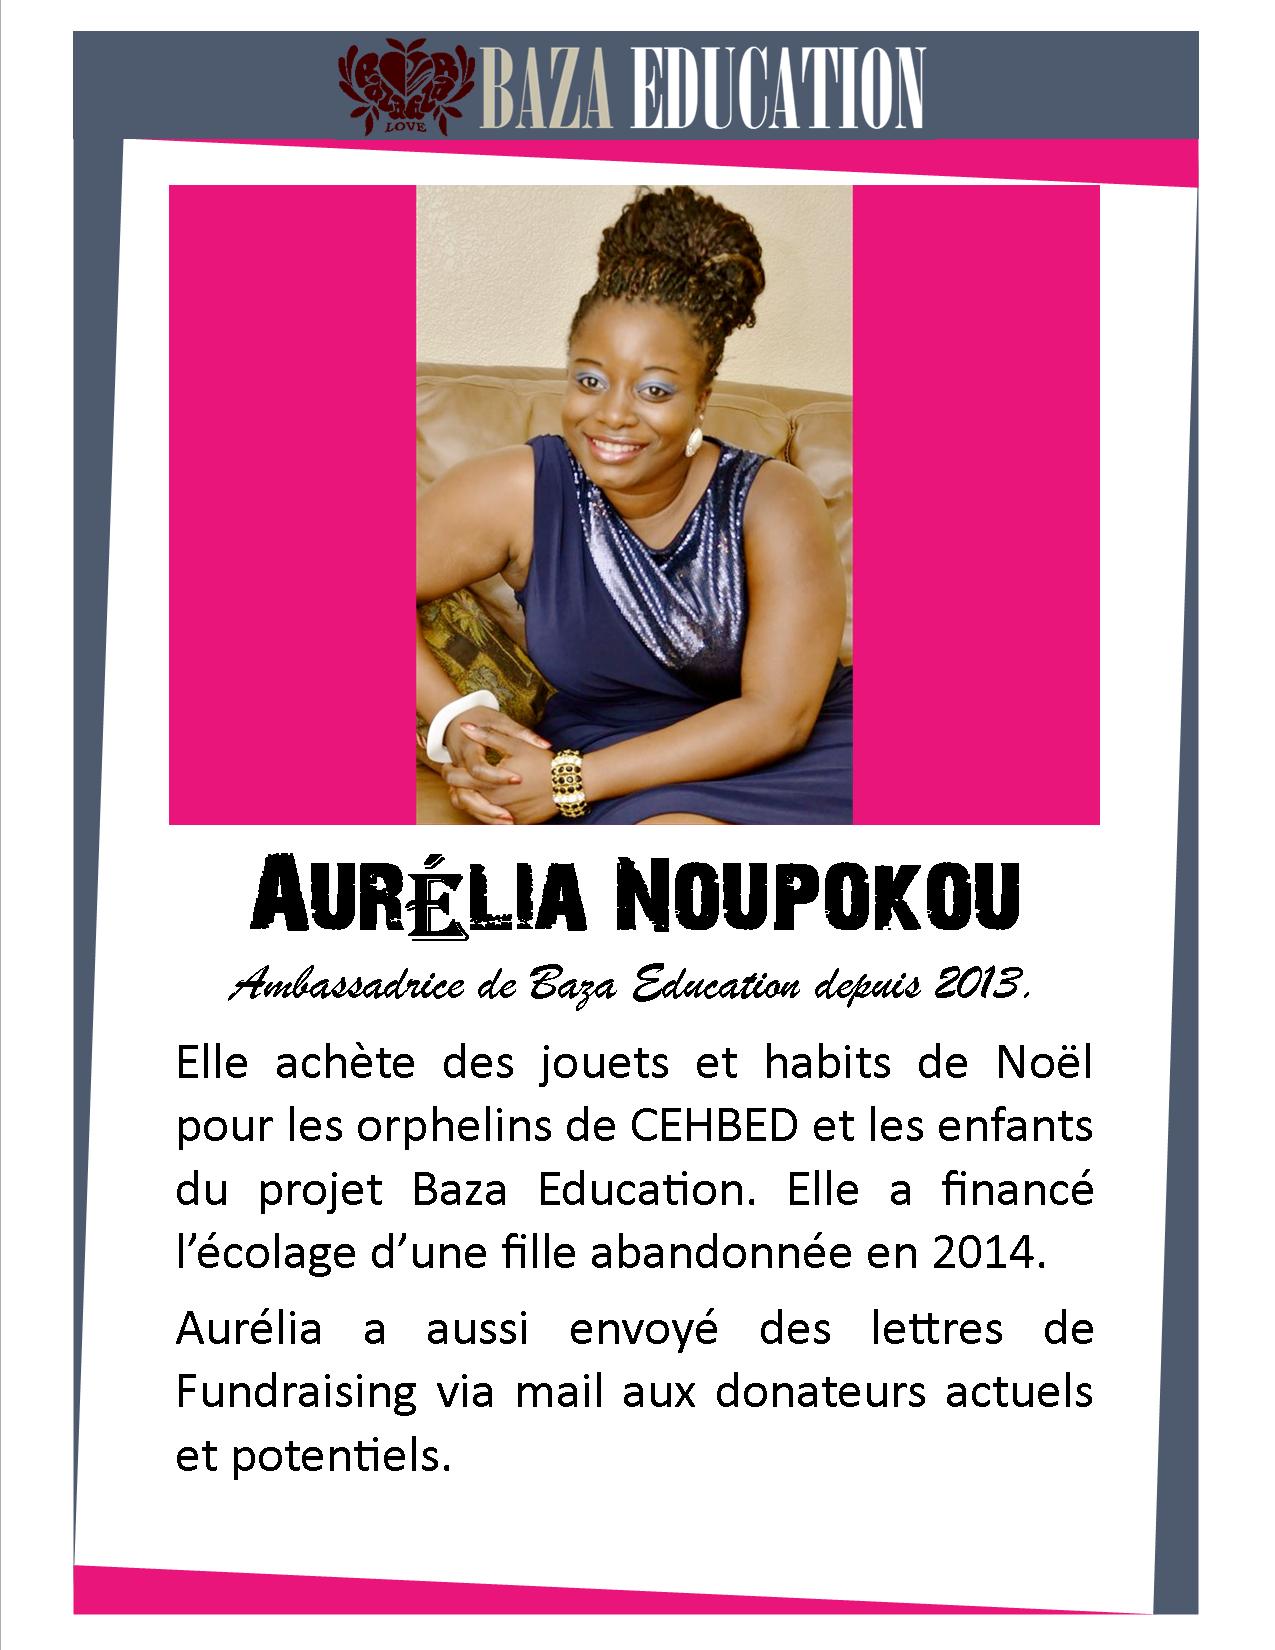 Rencontrer un Ambassadeur Baza - Aurelia Noupokou